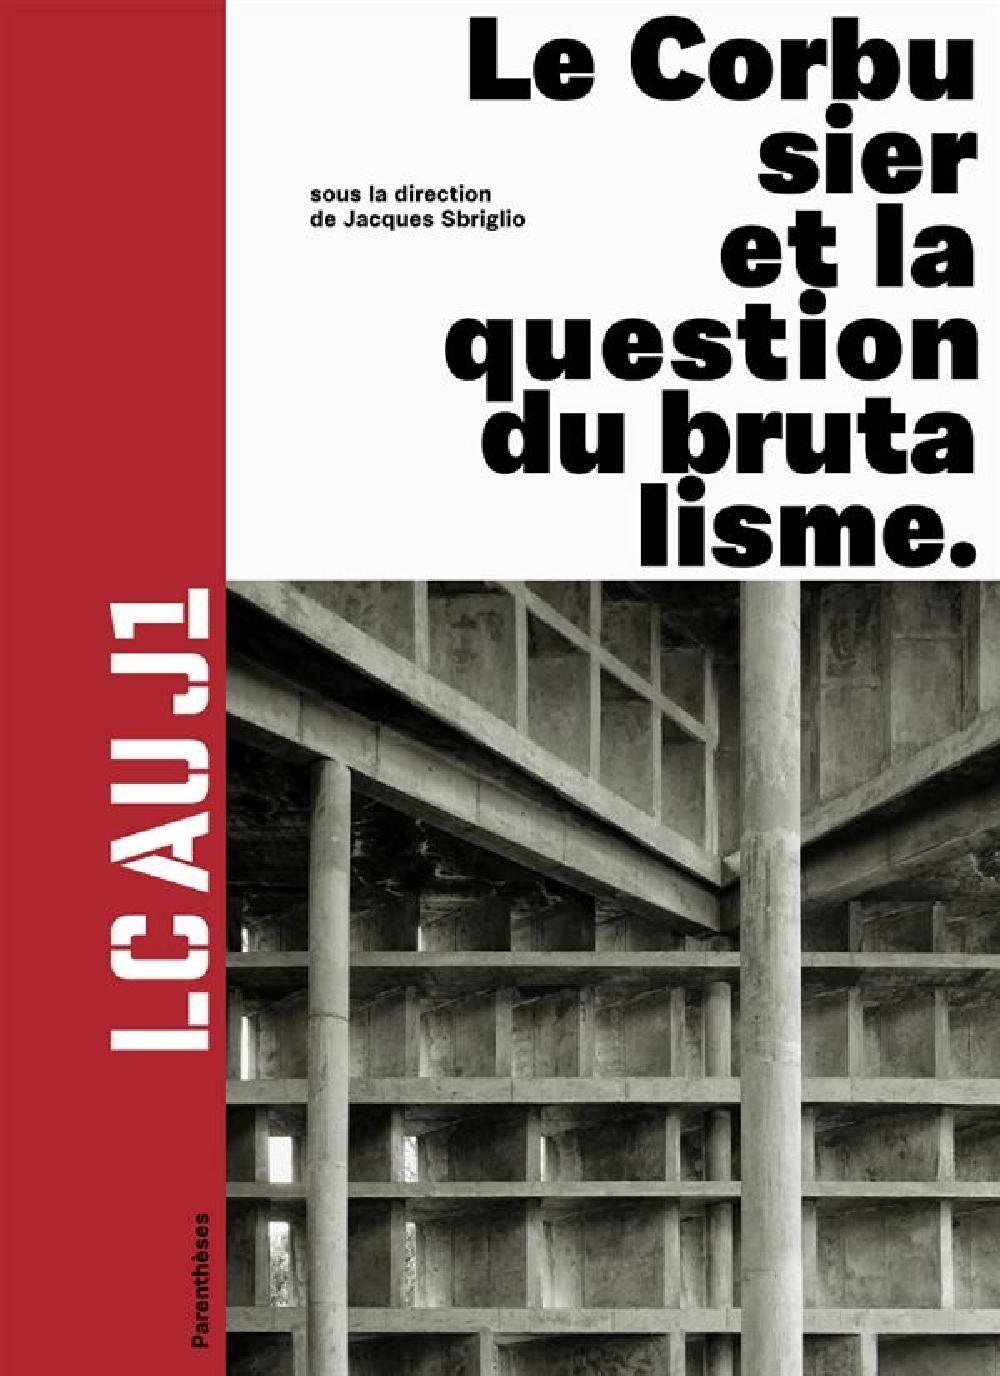 LC au J1. Le Corbusier et la question du brutalisme.